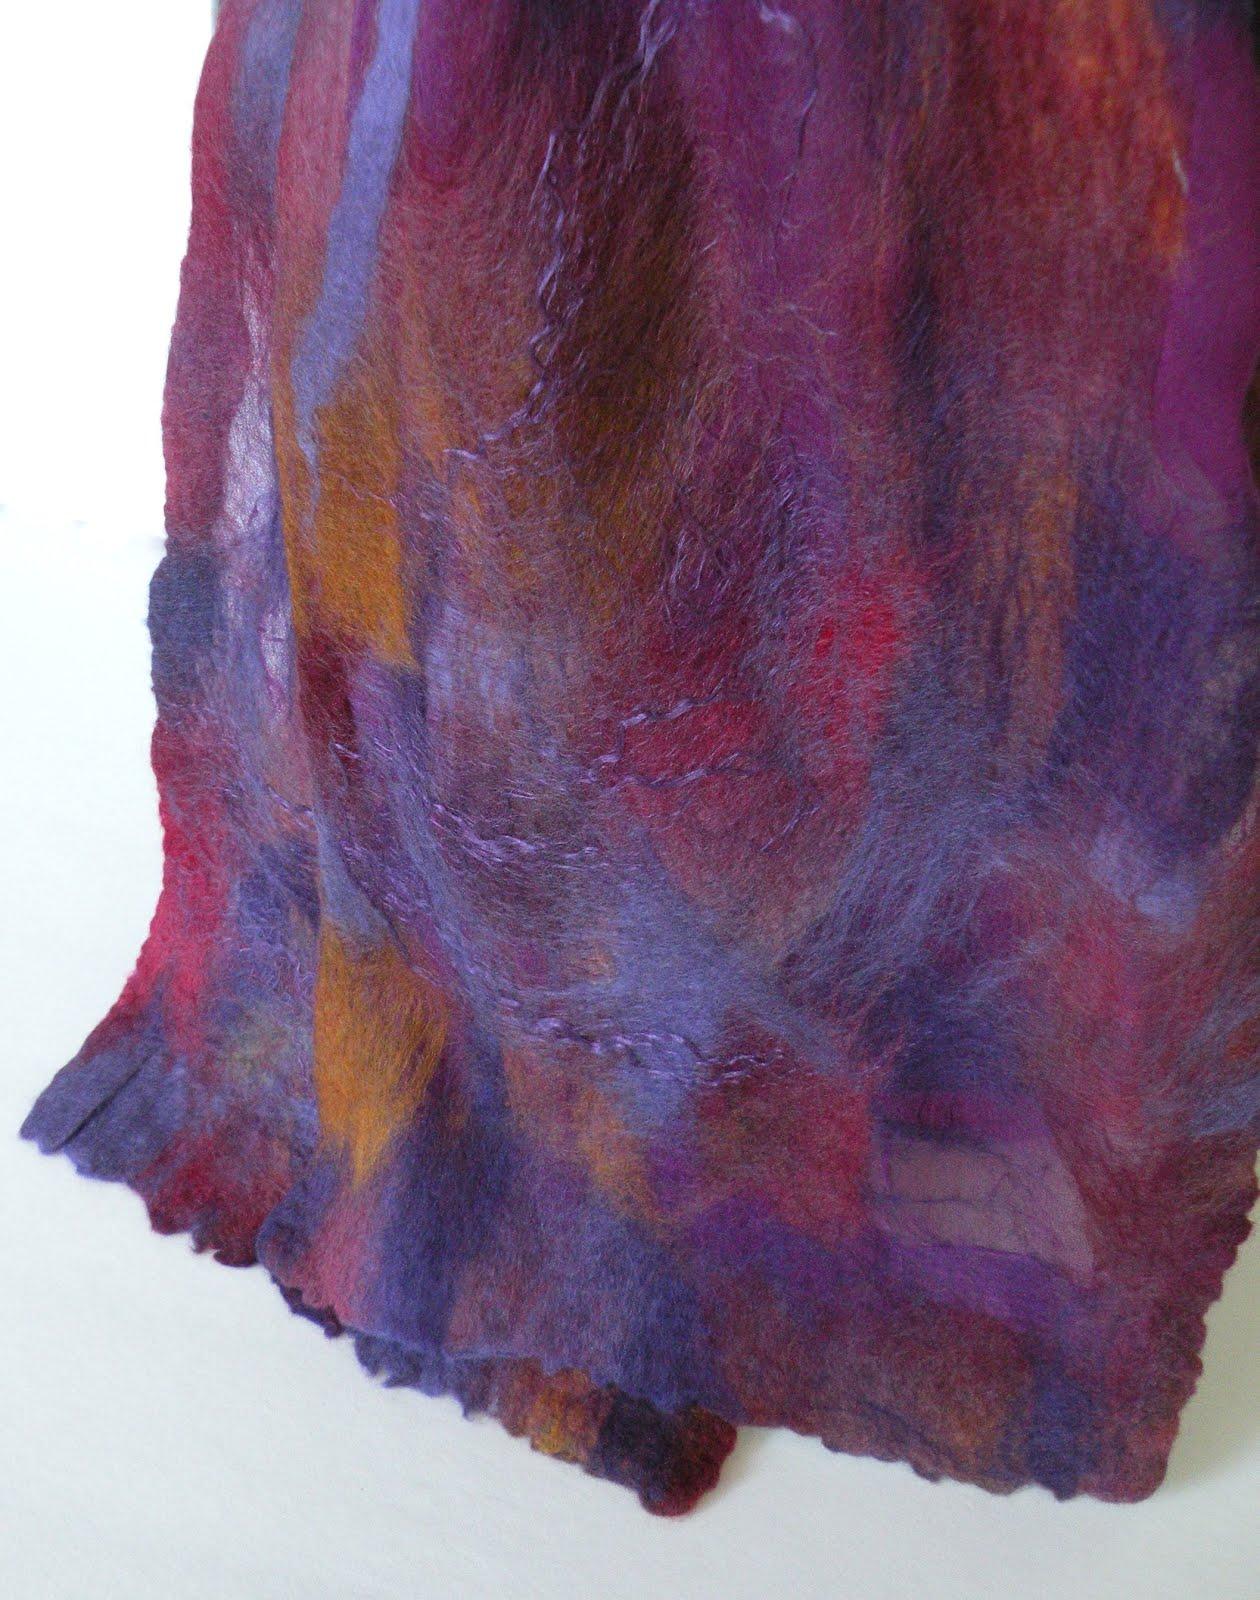 violet always a favorite